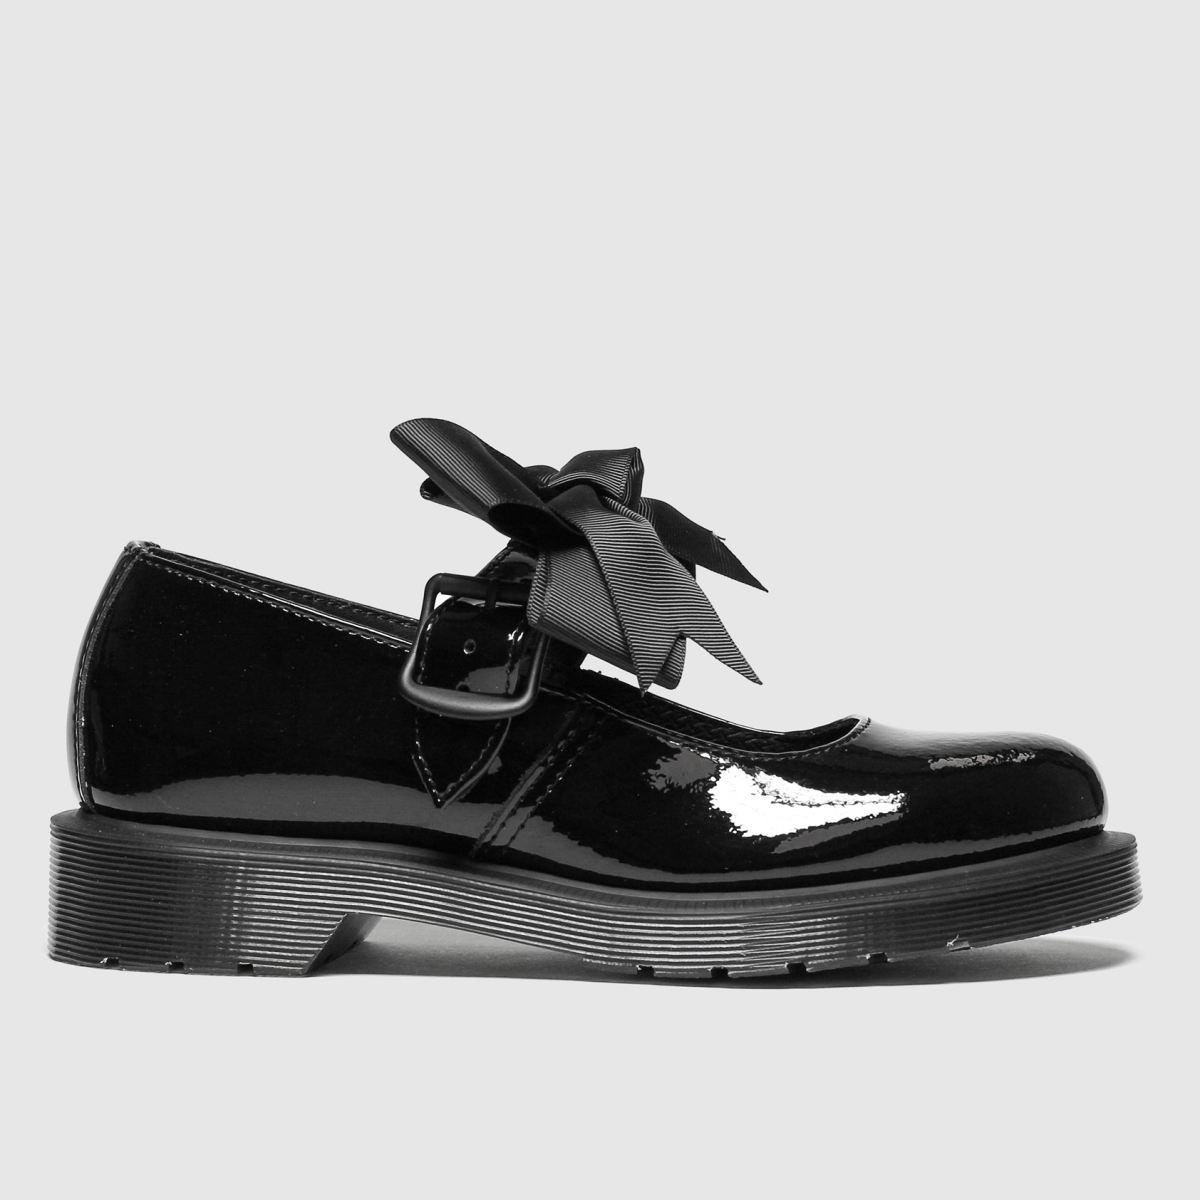 dr martens black mariel patent flat shoes